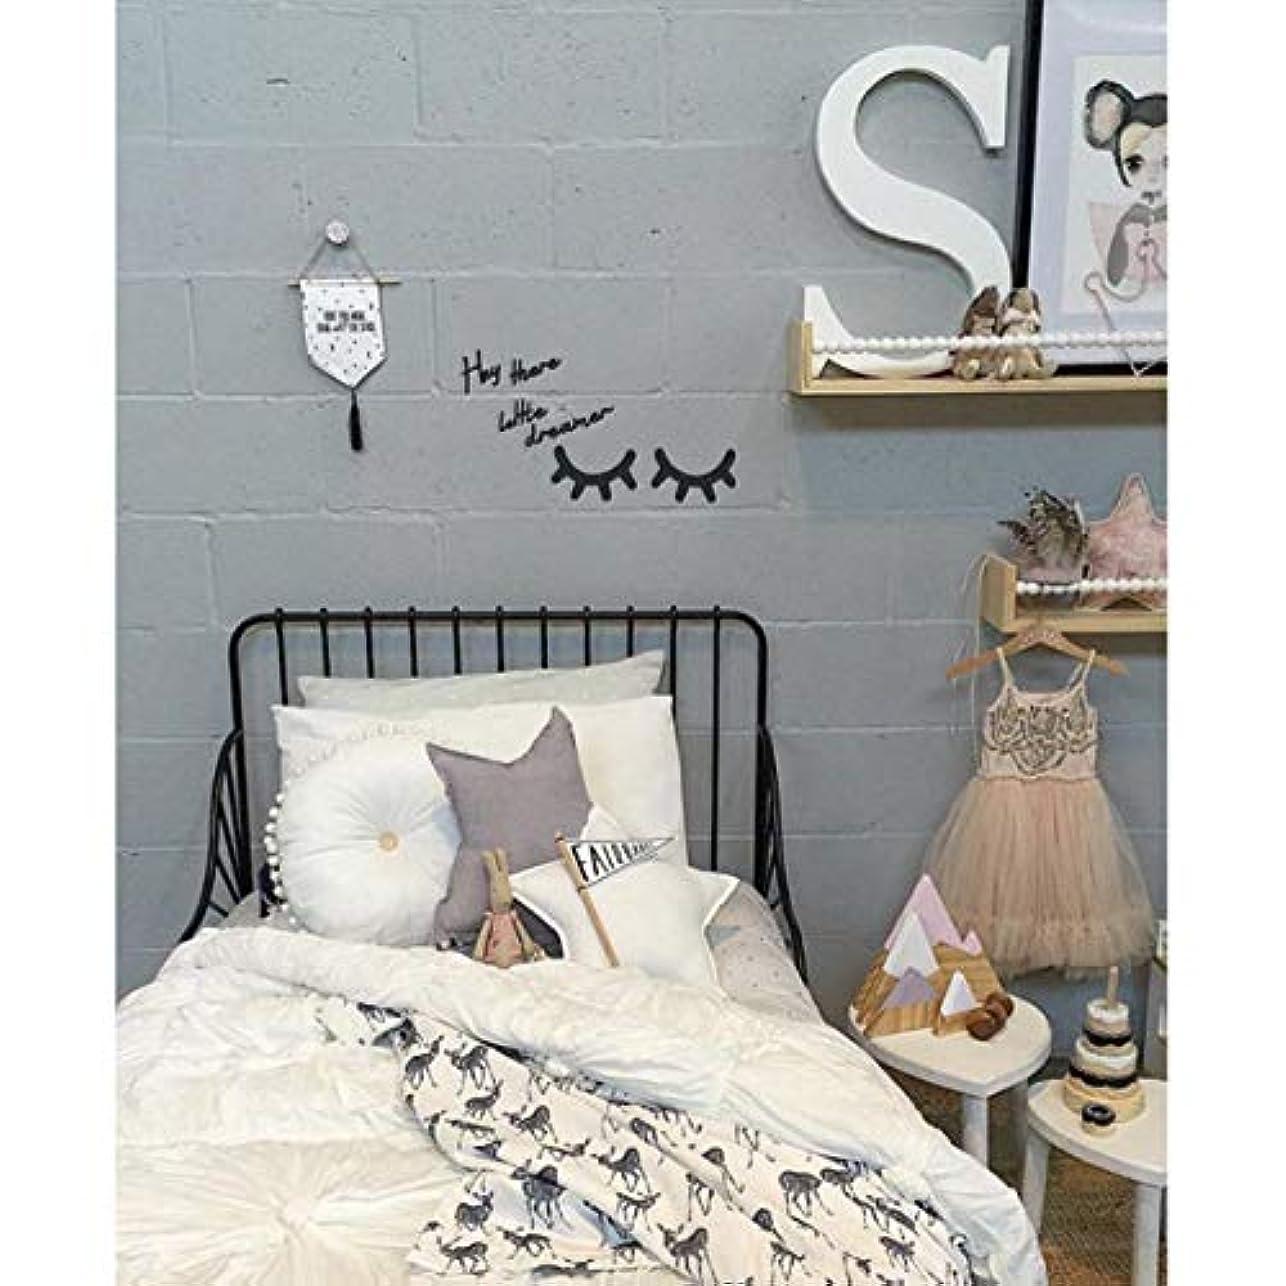 省略する待つ休戦Vosarea キラキラ木製まつげパターンウォールステッカー用キッズパーティー寝室の背景部屋の装飾diyまつげパターンウォールステッカーブラック